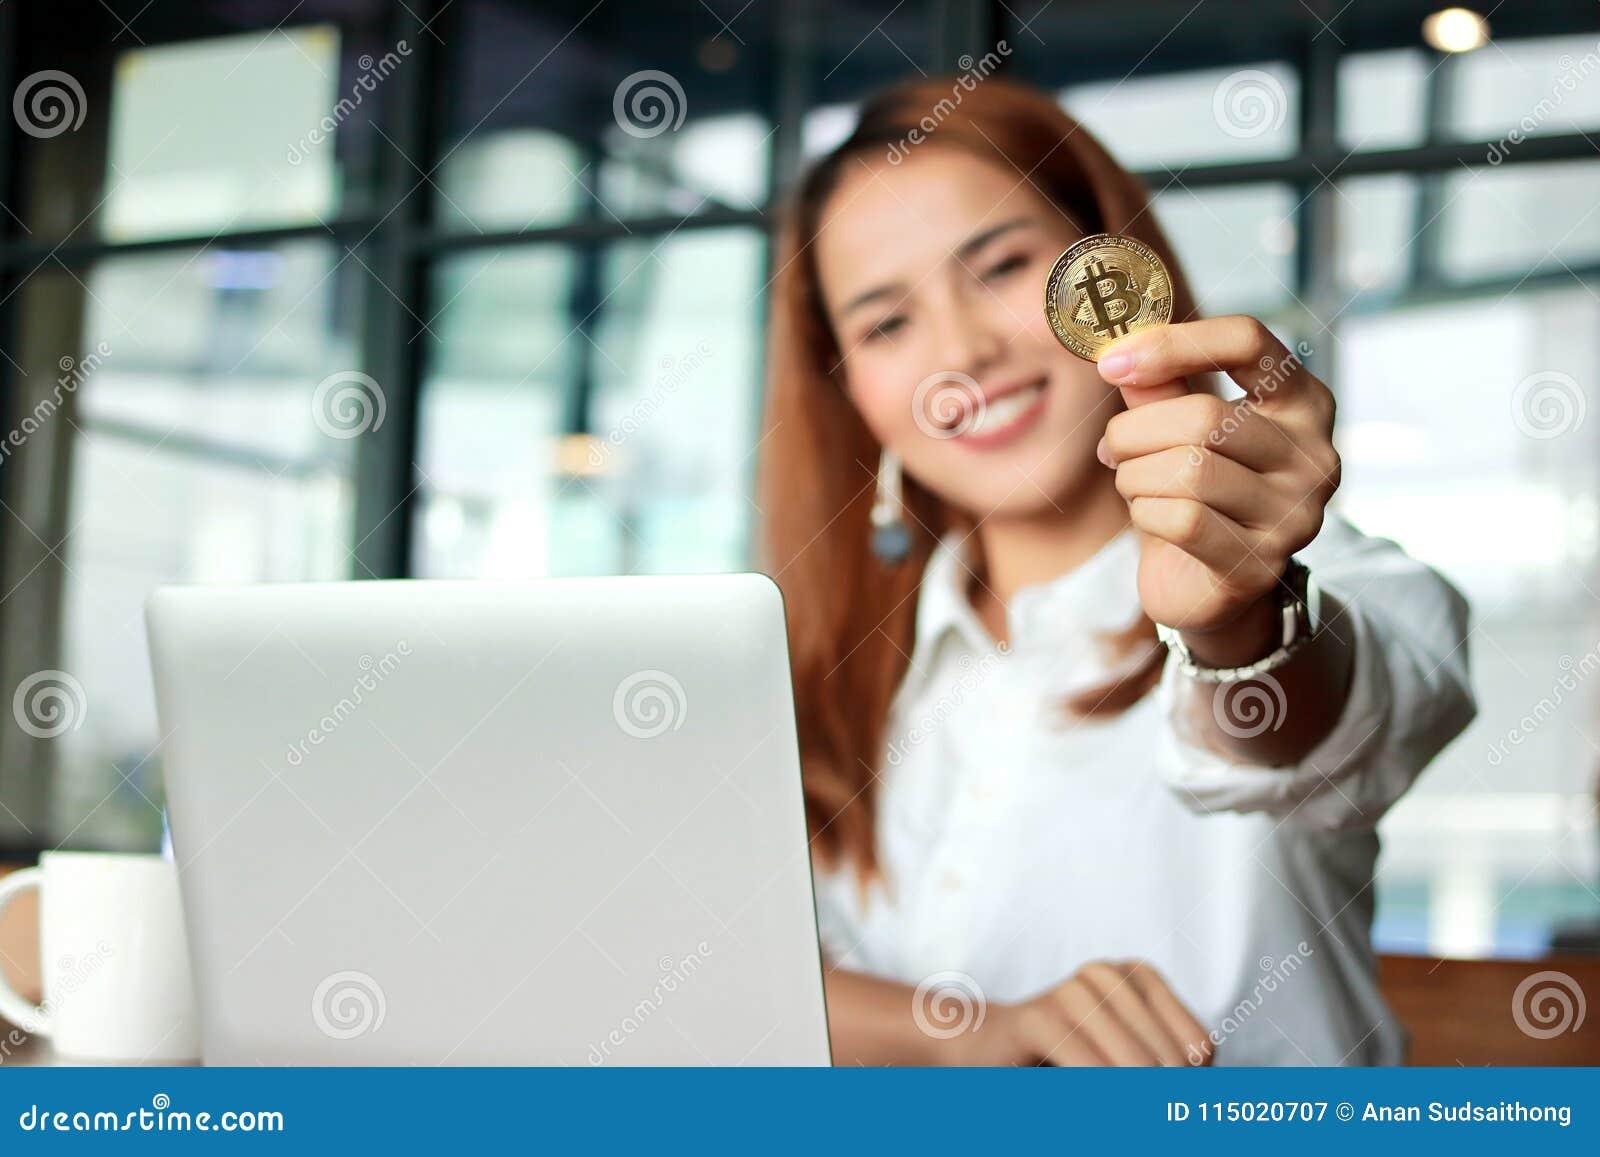 Main de la femme asiatique d affaires montrant à cryptocurrency la pièce de monnaie d or de bitcoin dans le bureau Argent virtuel